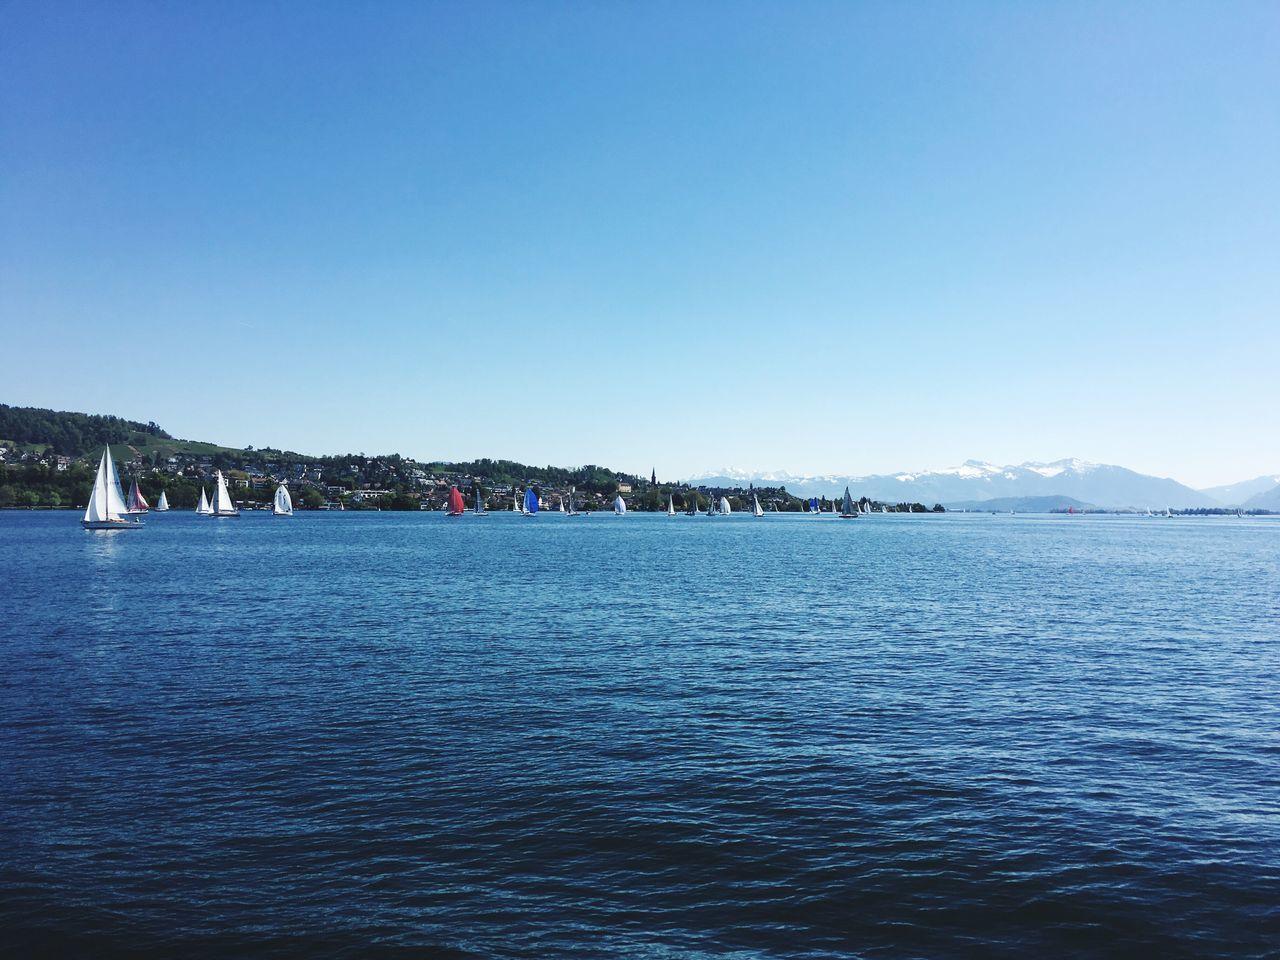 Eine Seefahrt, Die Ist Lustig... 🎶 Zürichsee I ❤️ Zürich Frühling